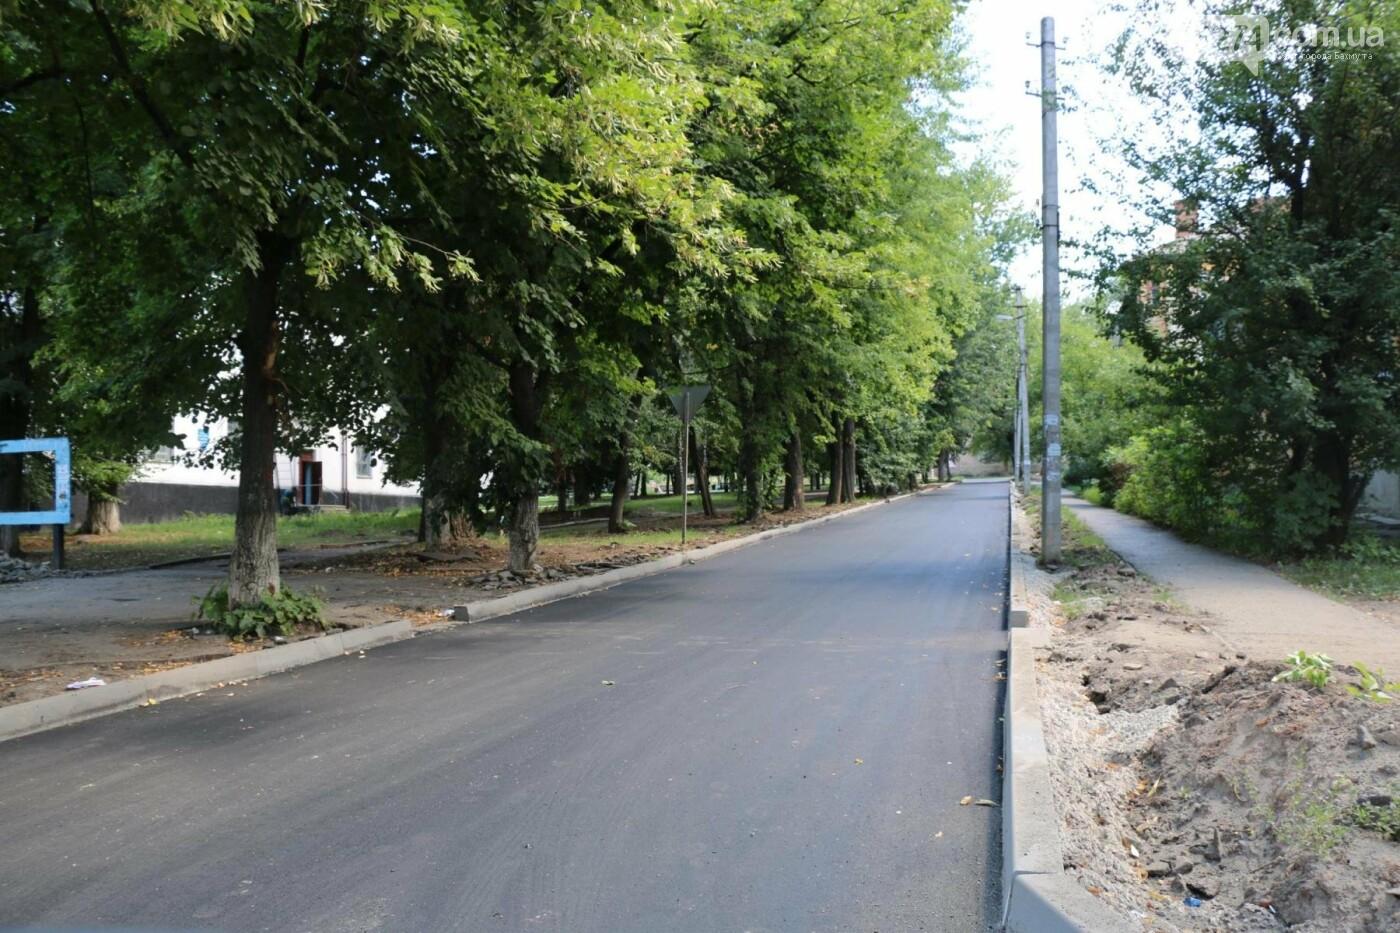 Ремонт дорог в Бахмуте: реконструкция Ростовской продлится до конца года, фото-3